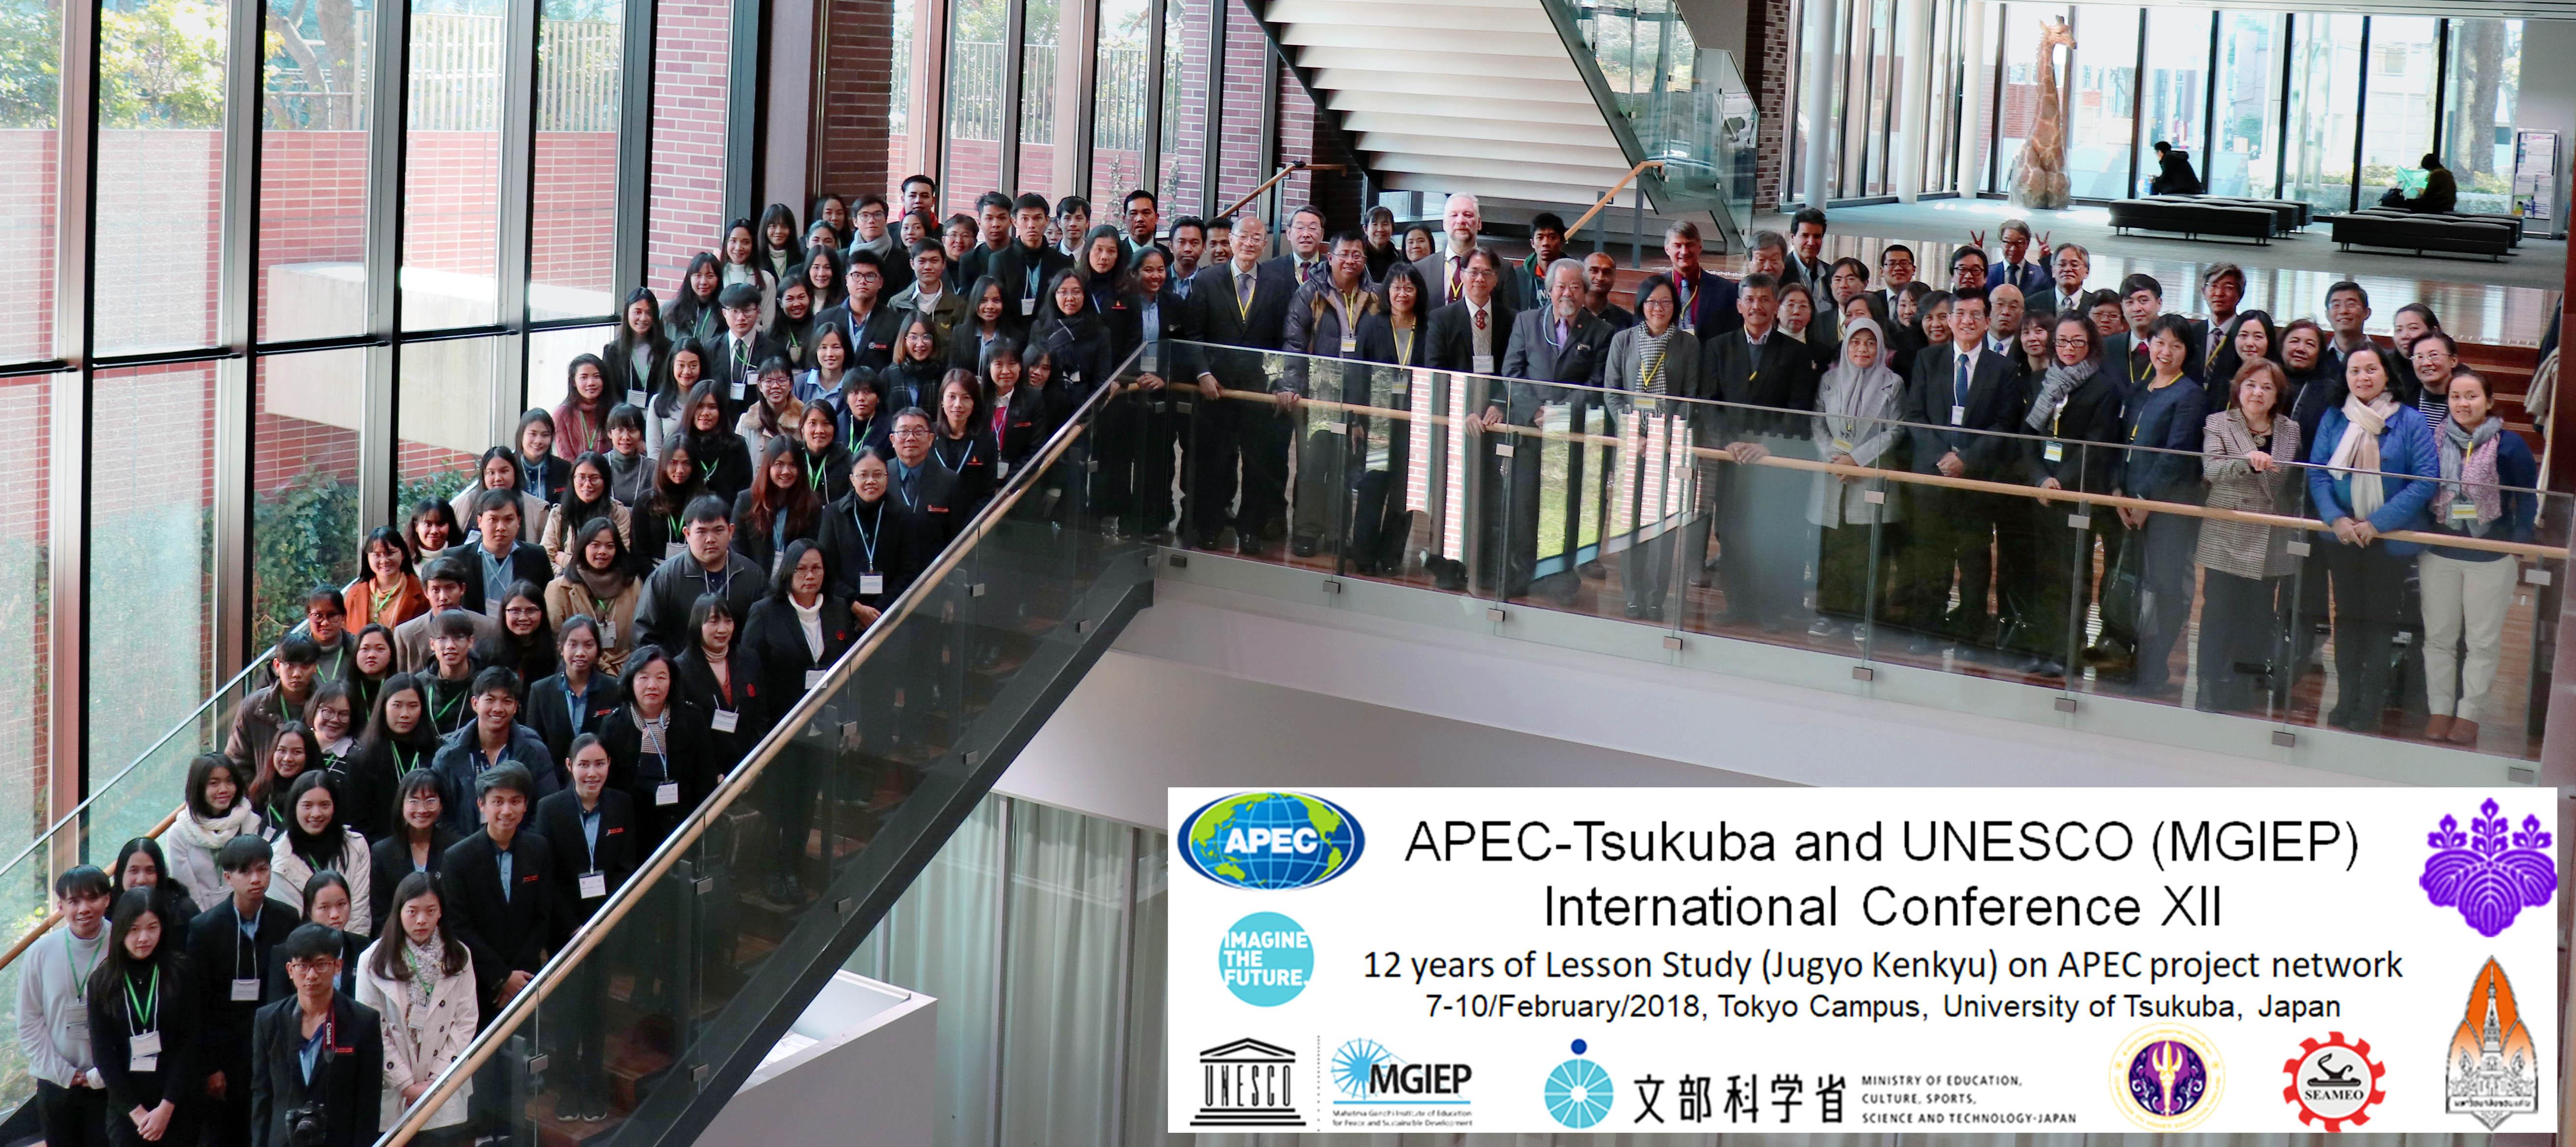 APEC.